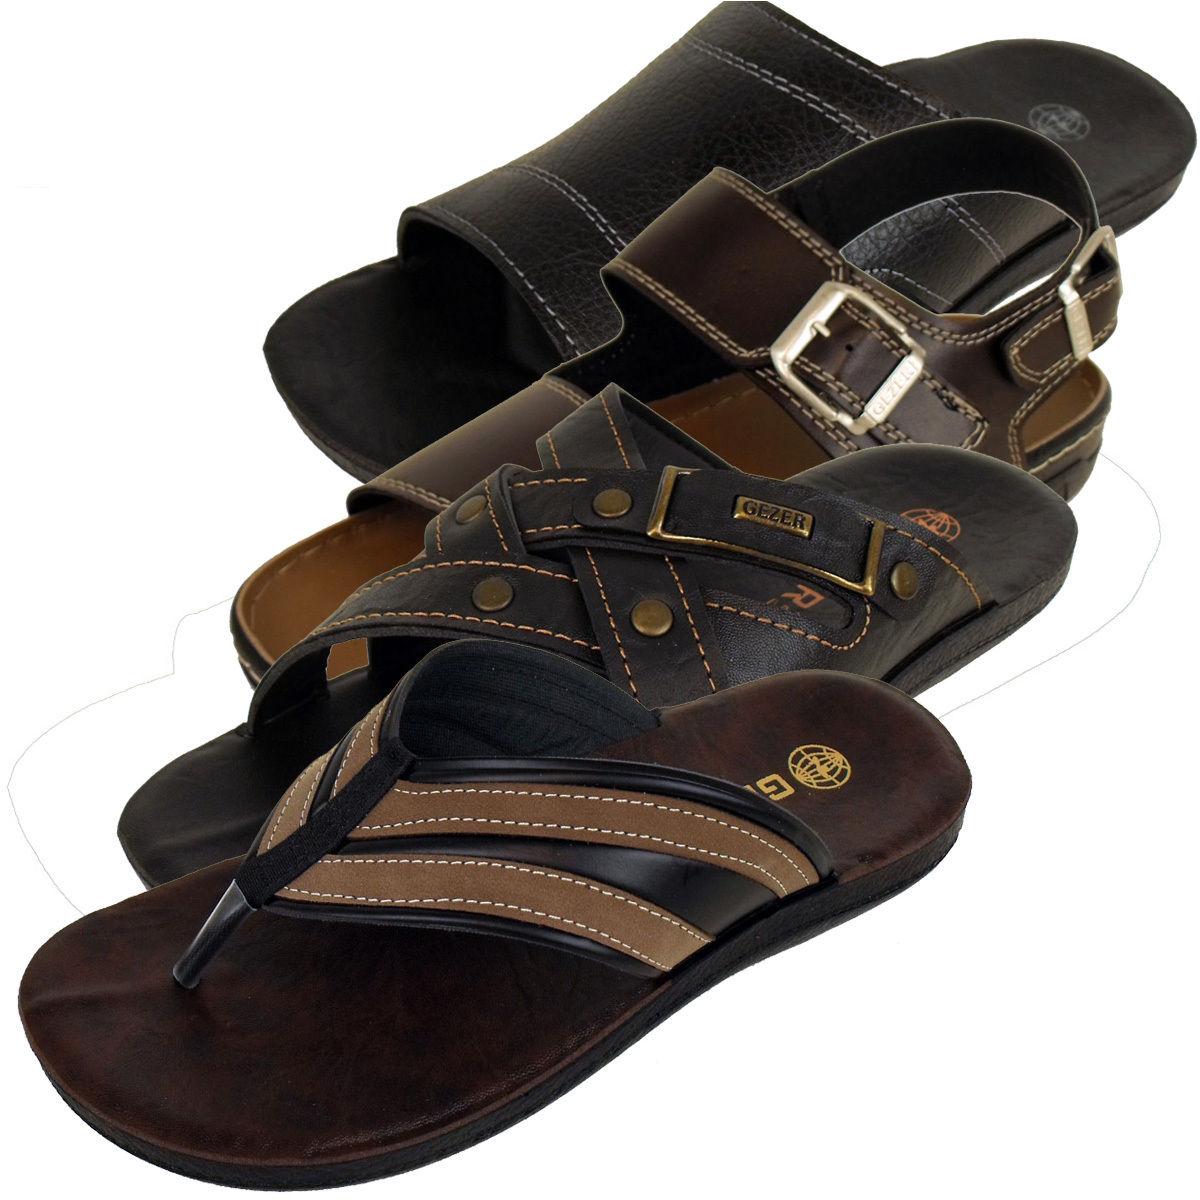 5431d2859457e Hommes Faux cuir Plage Sandales Mules Sandales Chaussures d été EU 40.5-47